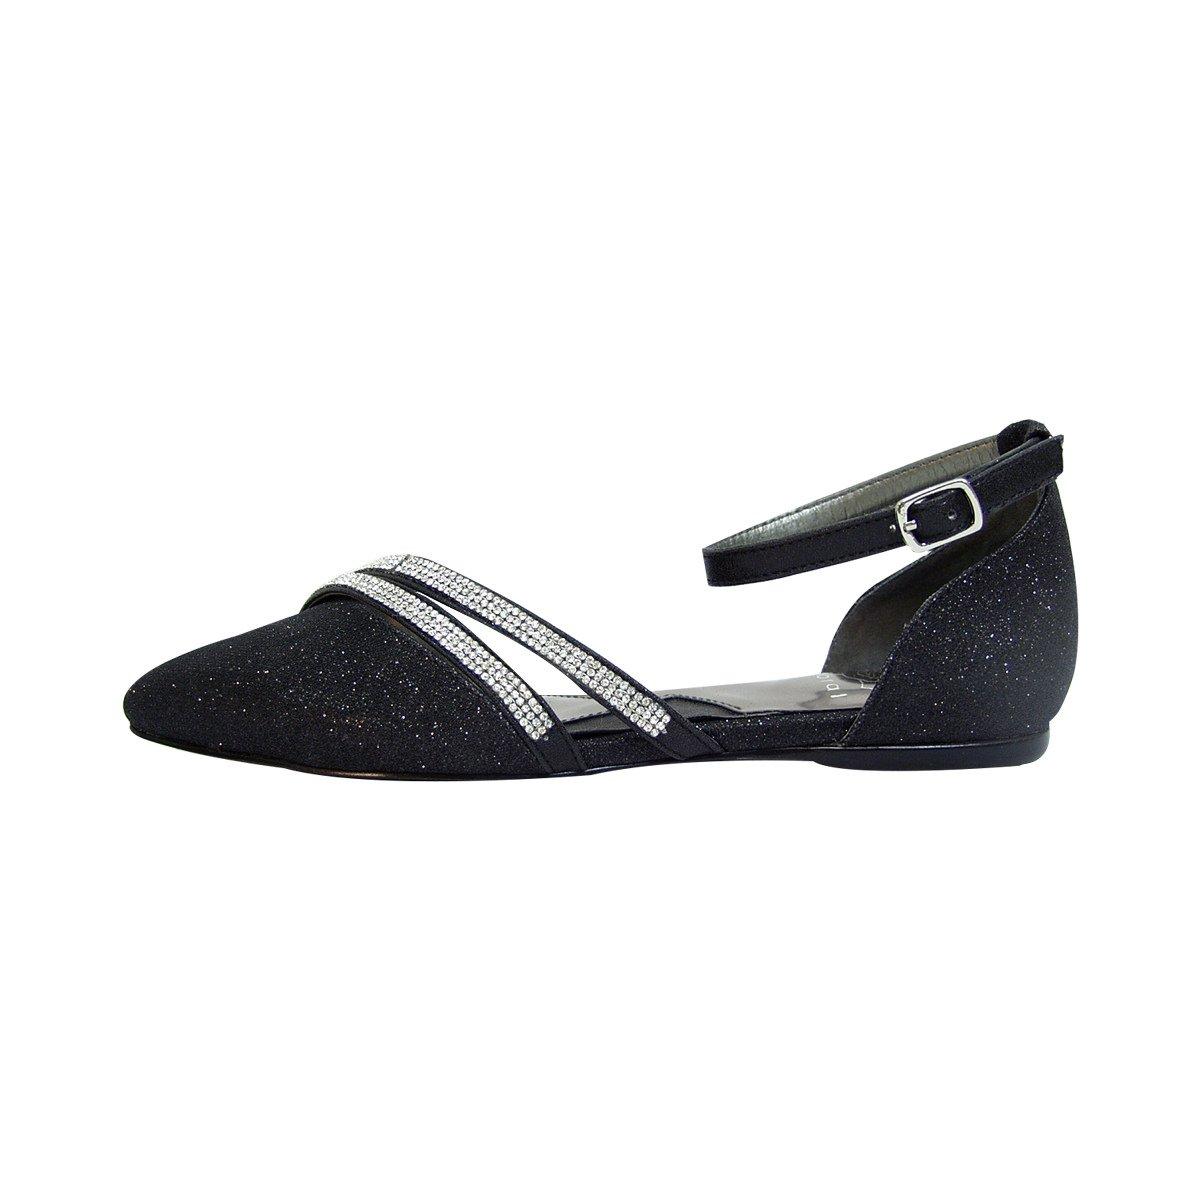 Fuzzy Hallie Women Wide Width Open Shank Pointed Toe Buckle Ankle Strap Flats (Size & Measurement) B0773W8FNR 12 D|Black